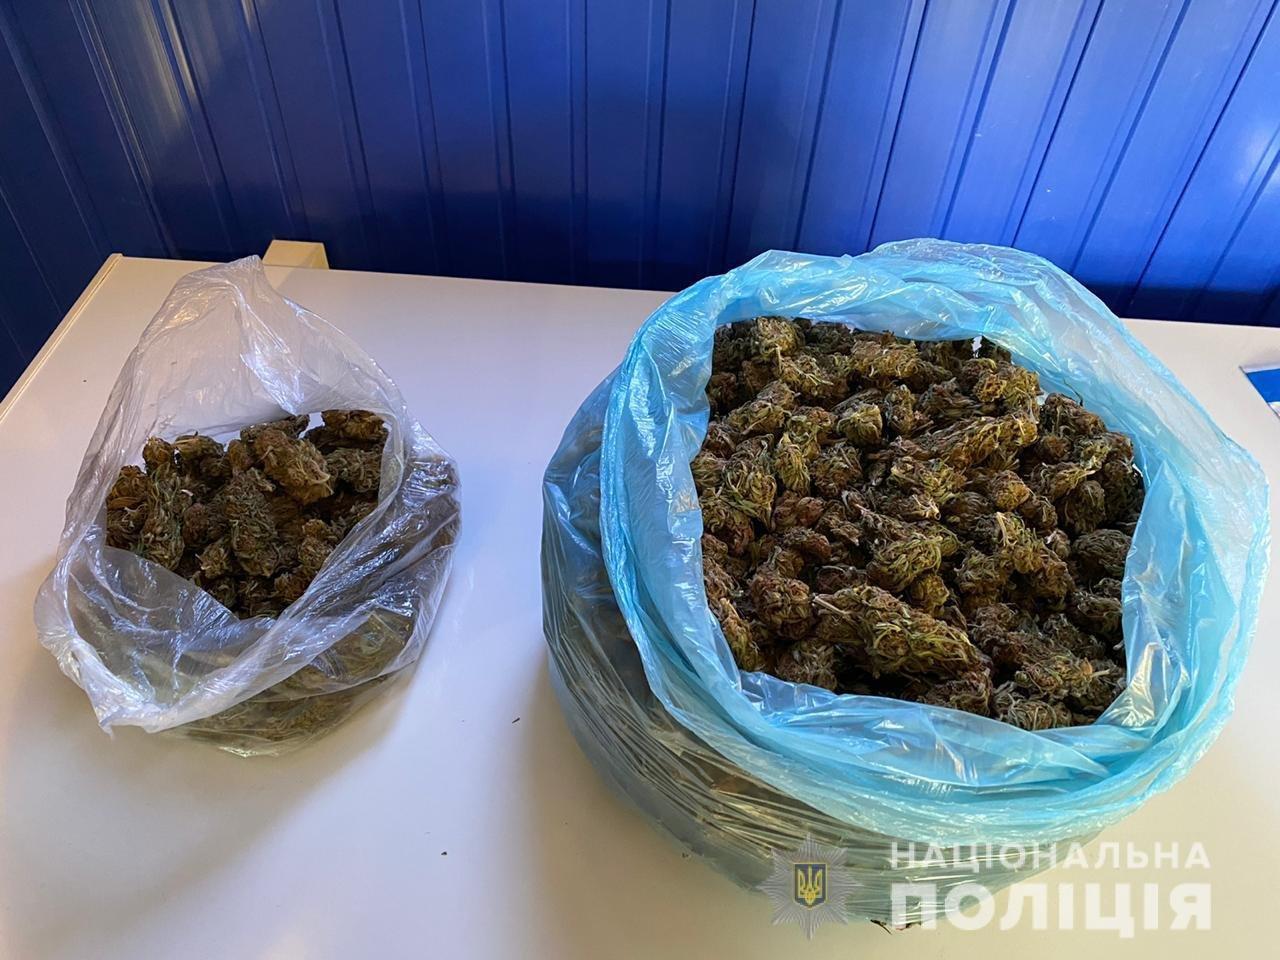 На Днепропетровщине полицейские изъяли наркотики на сумму около 180 тыс. гривен, фото-1